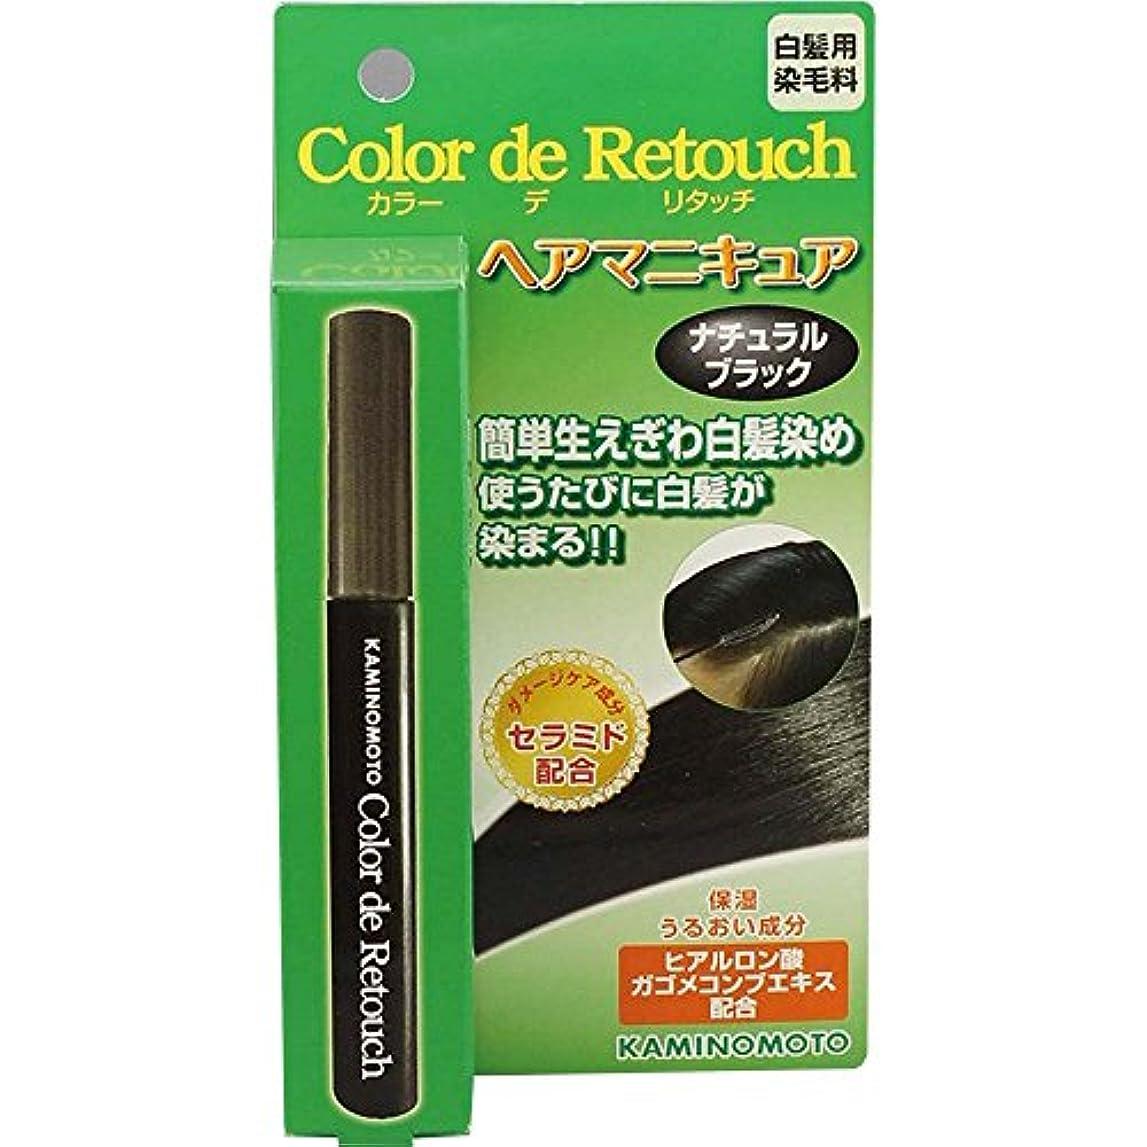 ビジネスまた強大な加美乃素 カラー デ リタッチ ナチュラルブラック 10mL